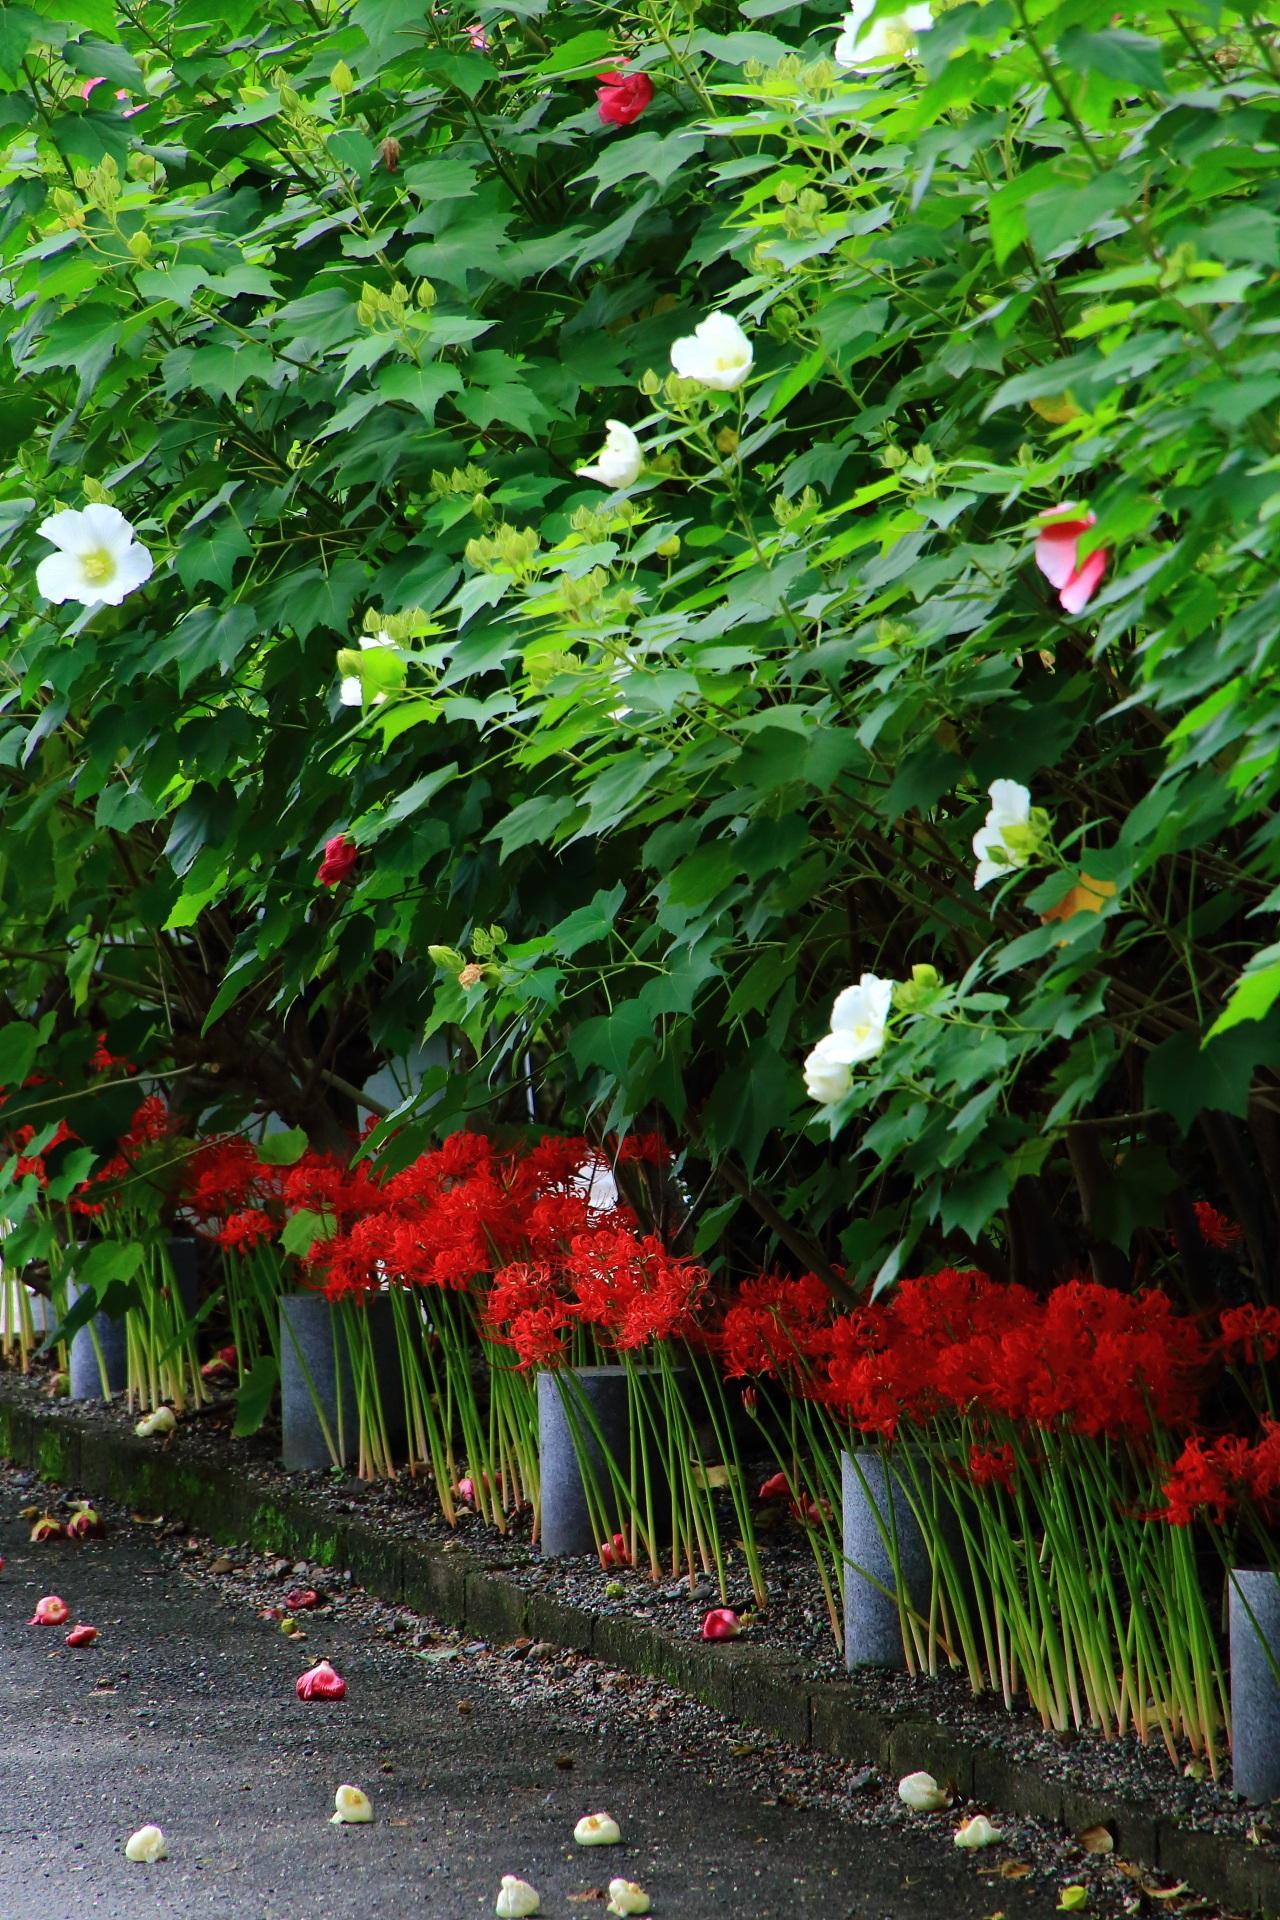 妙蓮寺の遠目から眺めた芙蓉の花と彼岸花のコラボレーション